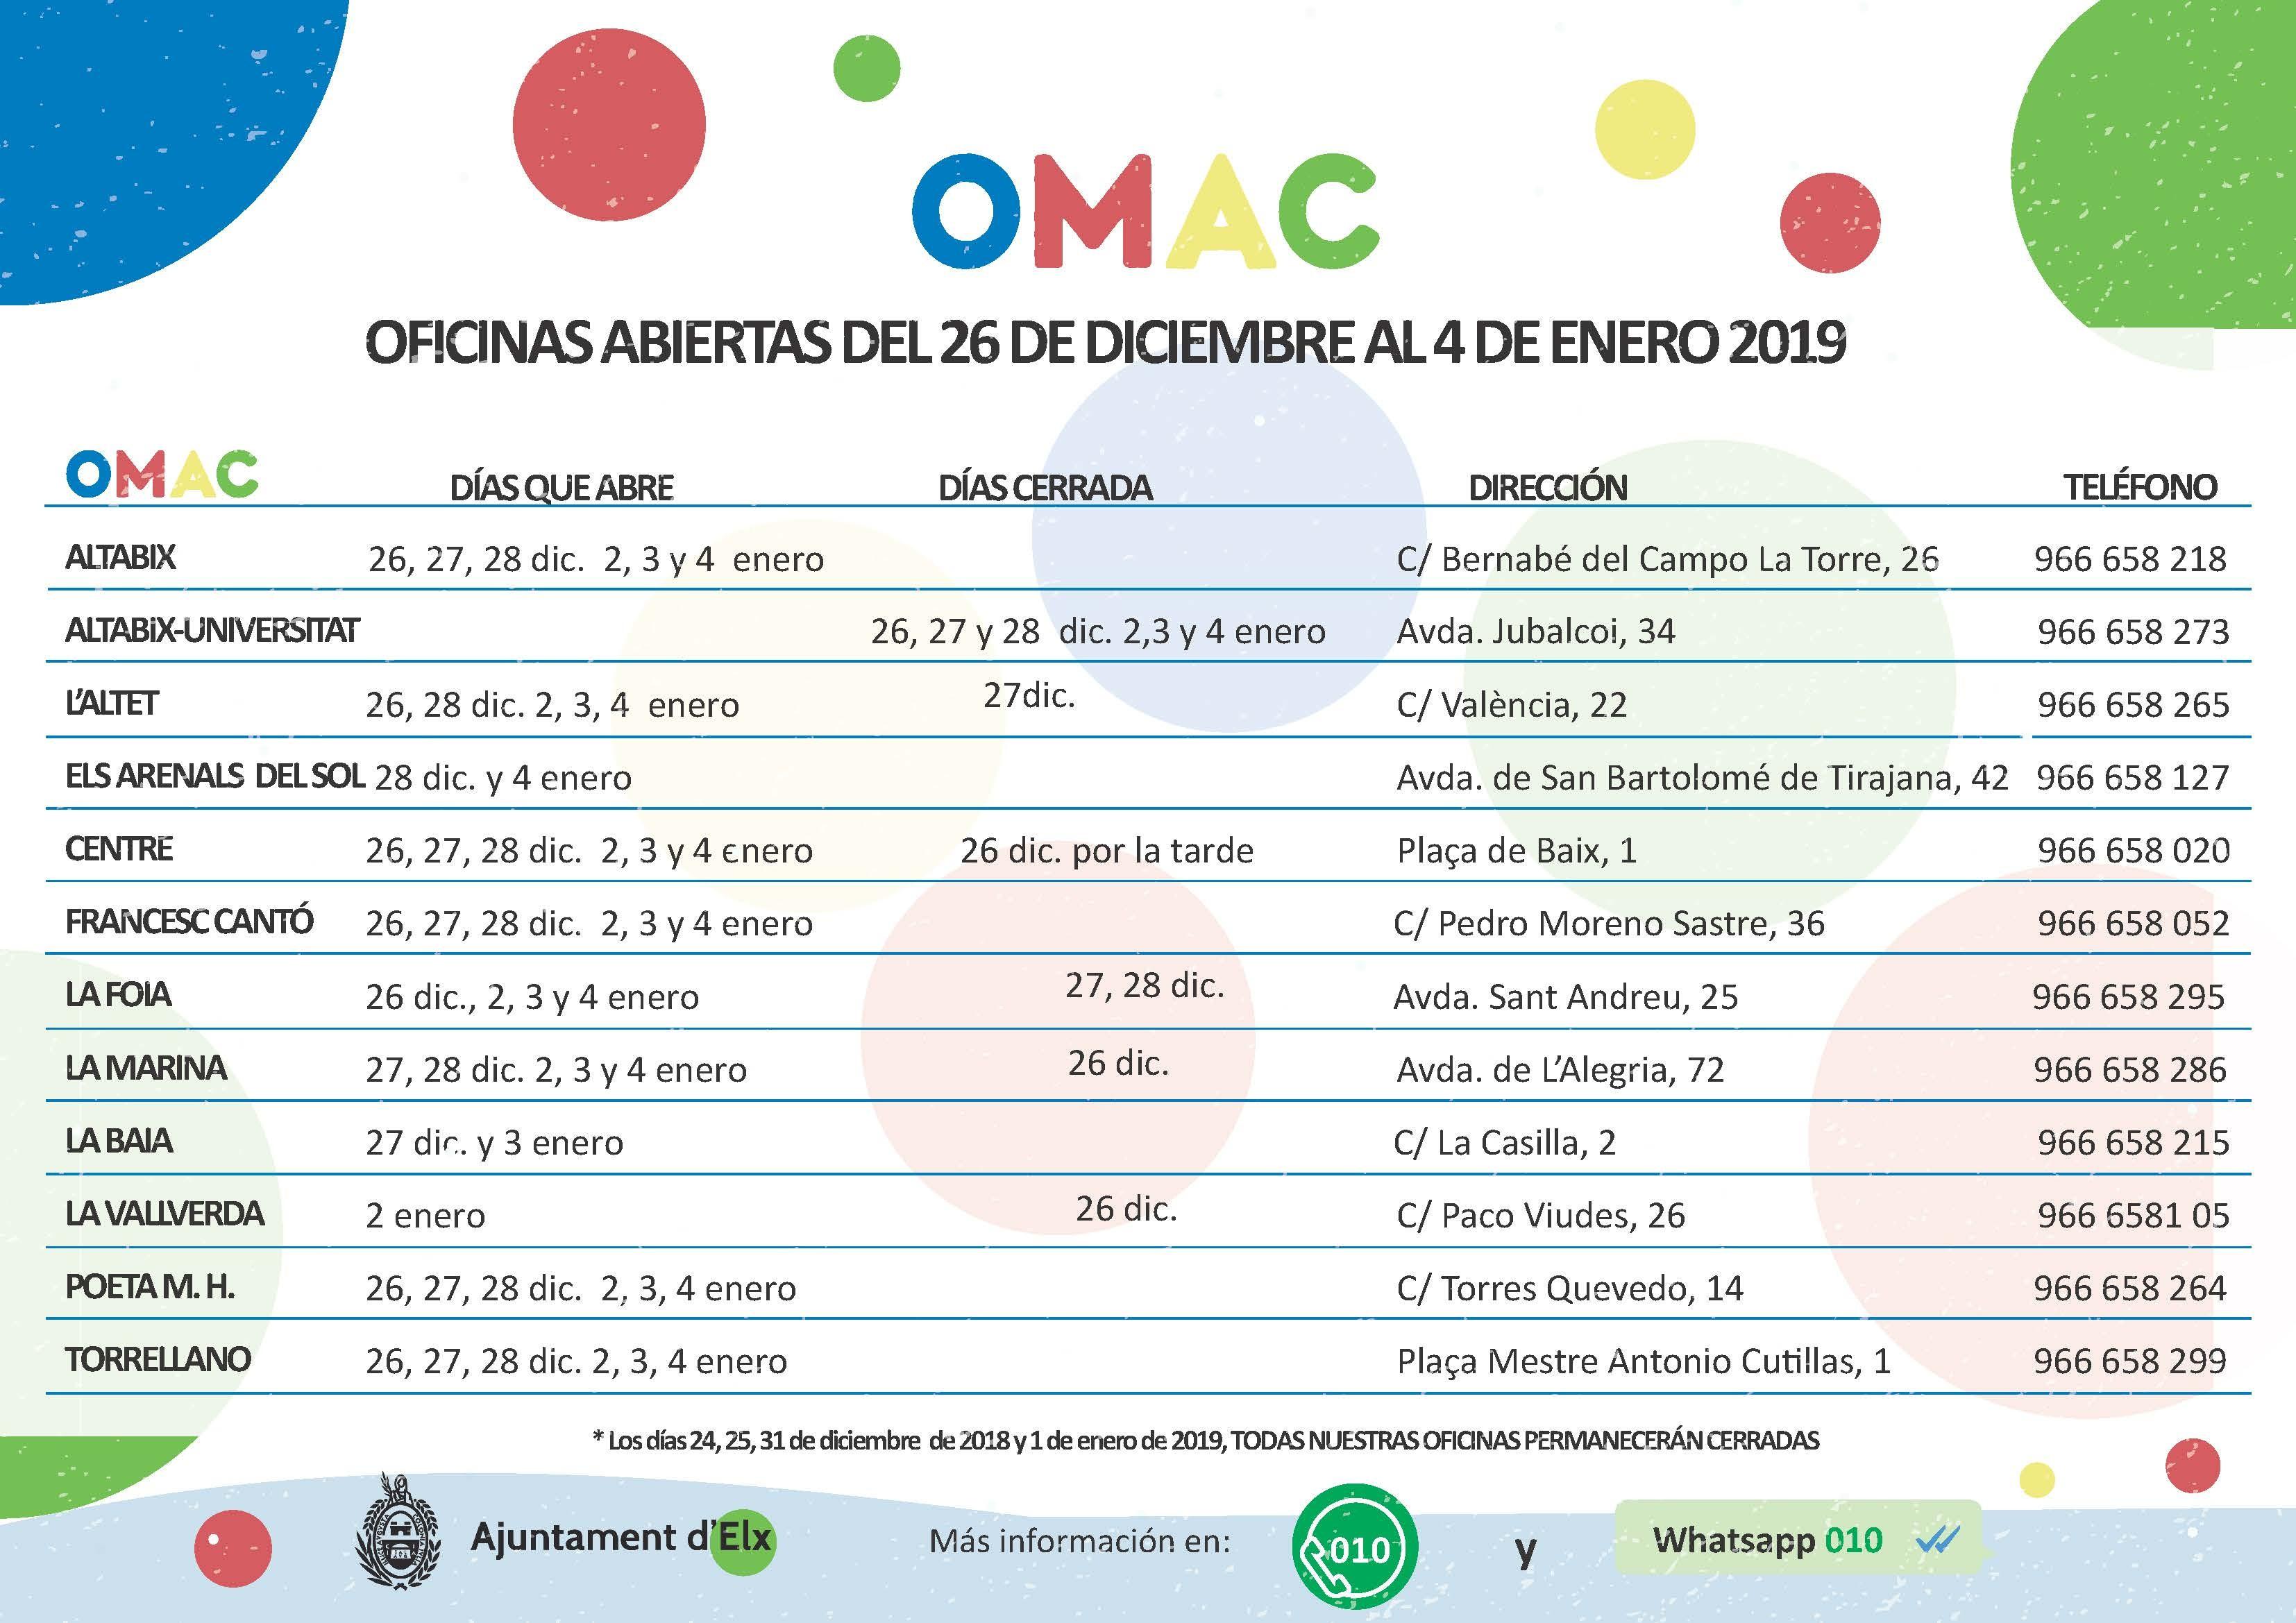 Imprimir Calendario Semestral 2017 Más Recientes Calendario Enero 215 Of Imprimir Calendario Semestral 2017 Más Populares Noticias Calendario 2019 Mexico Icial